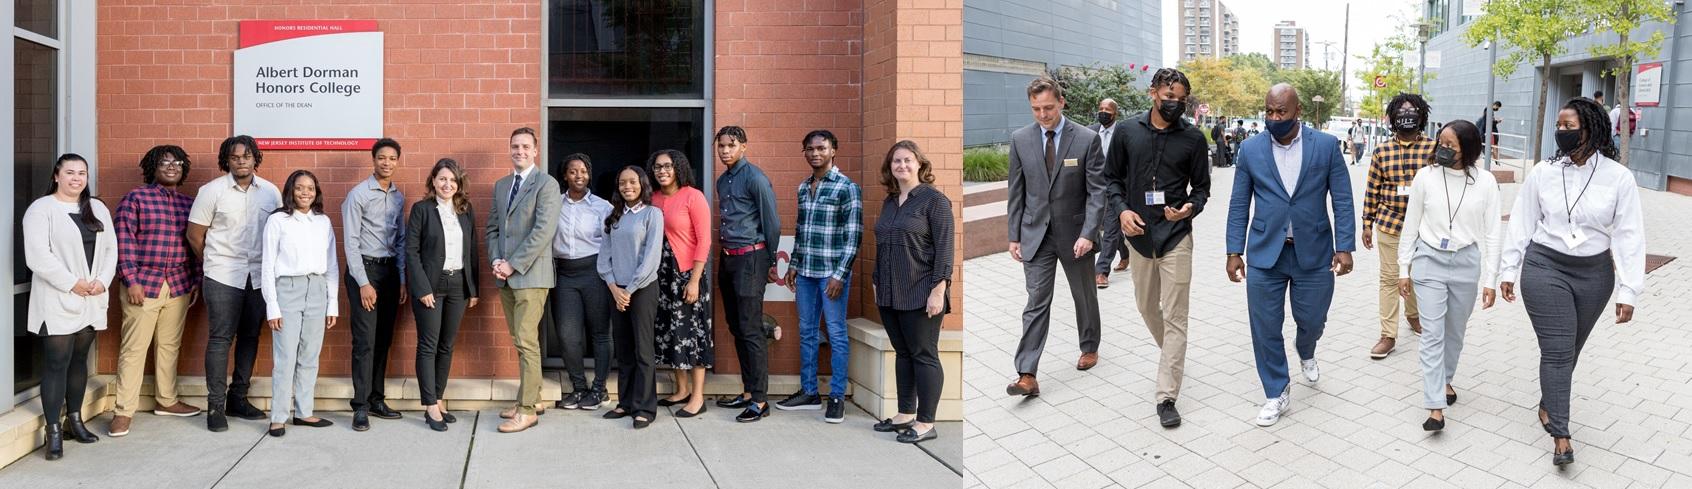 Newark Mayor's Scholars Group Photo, and Photo With Mayor Baraka